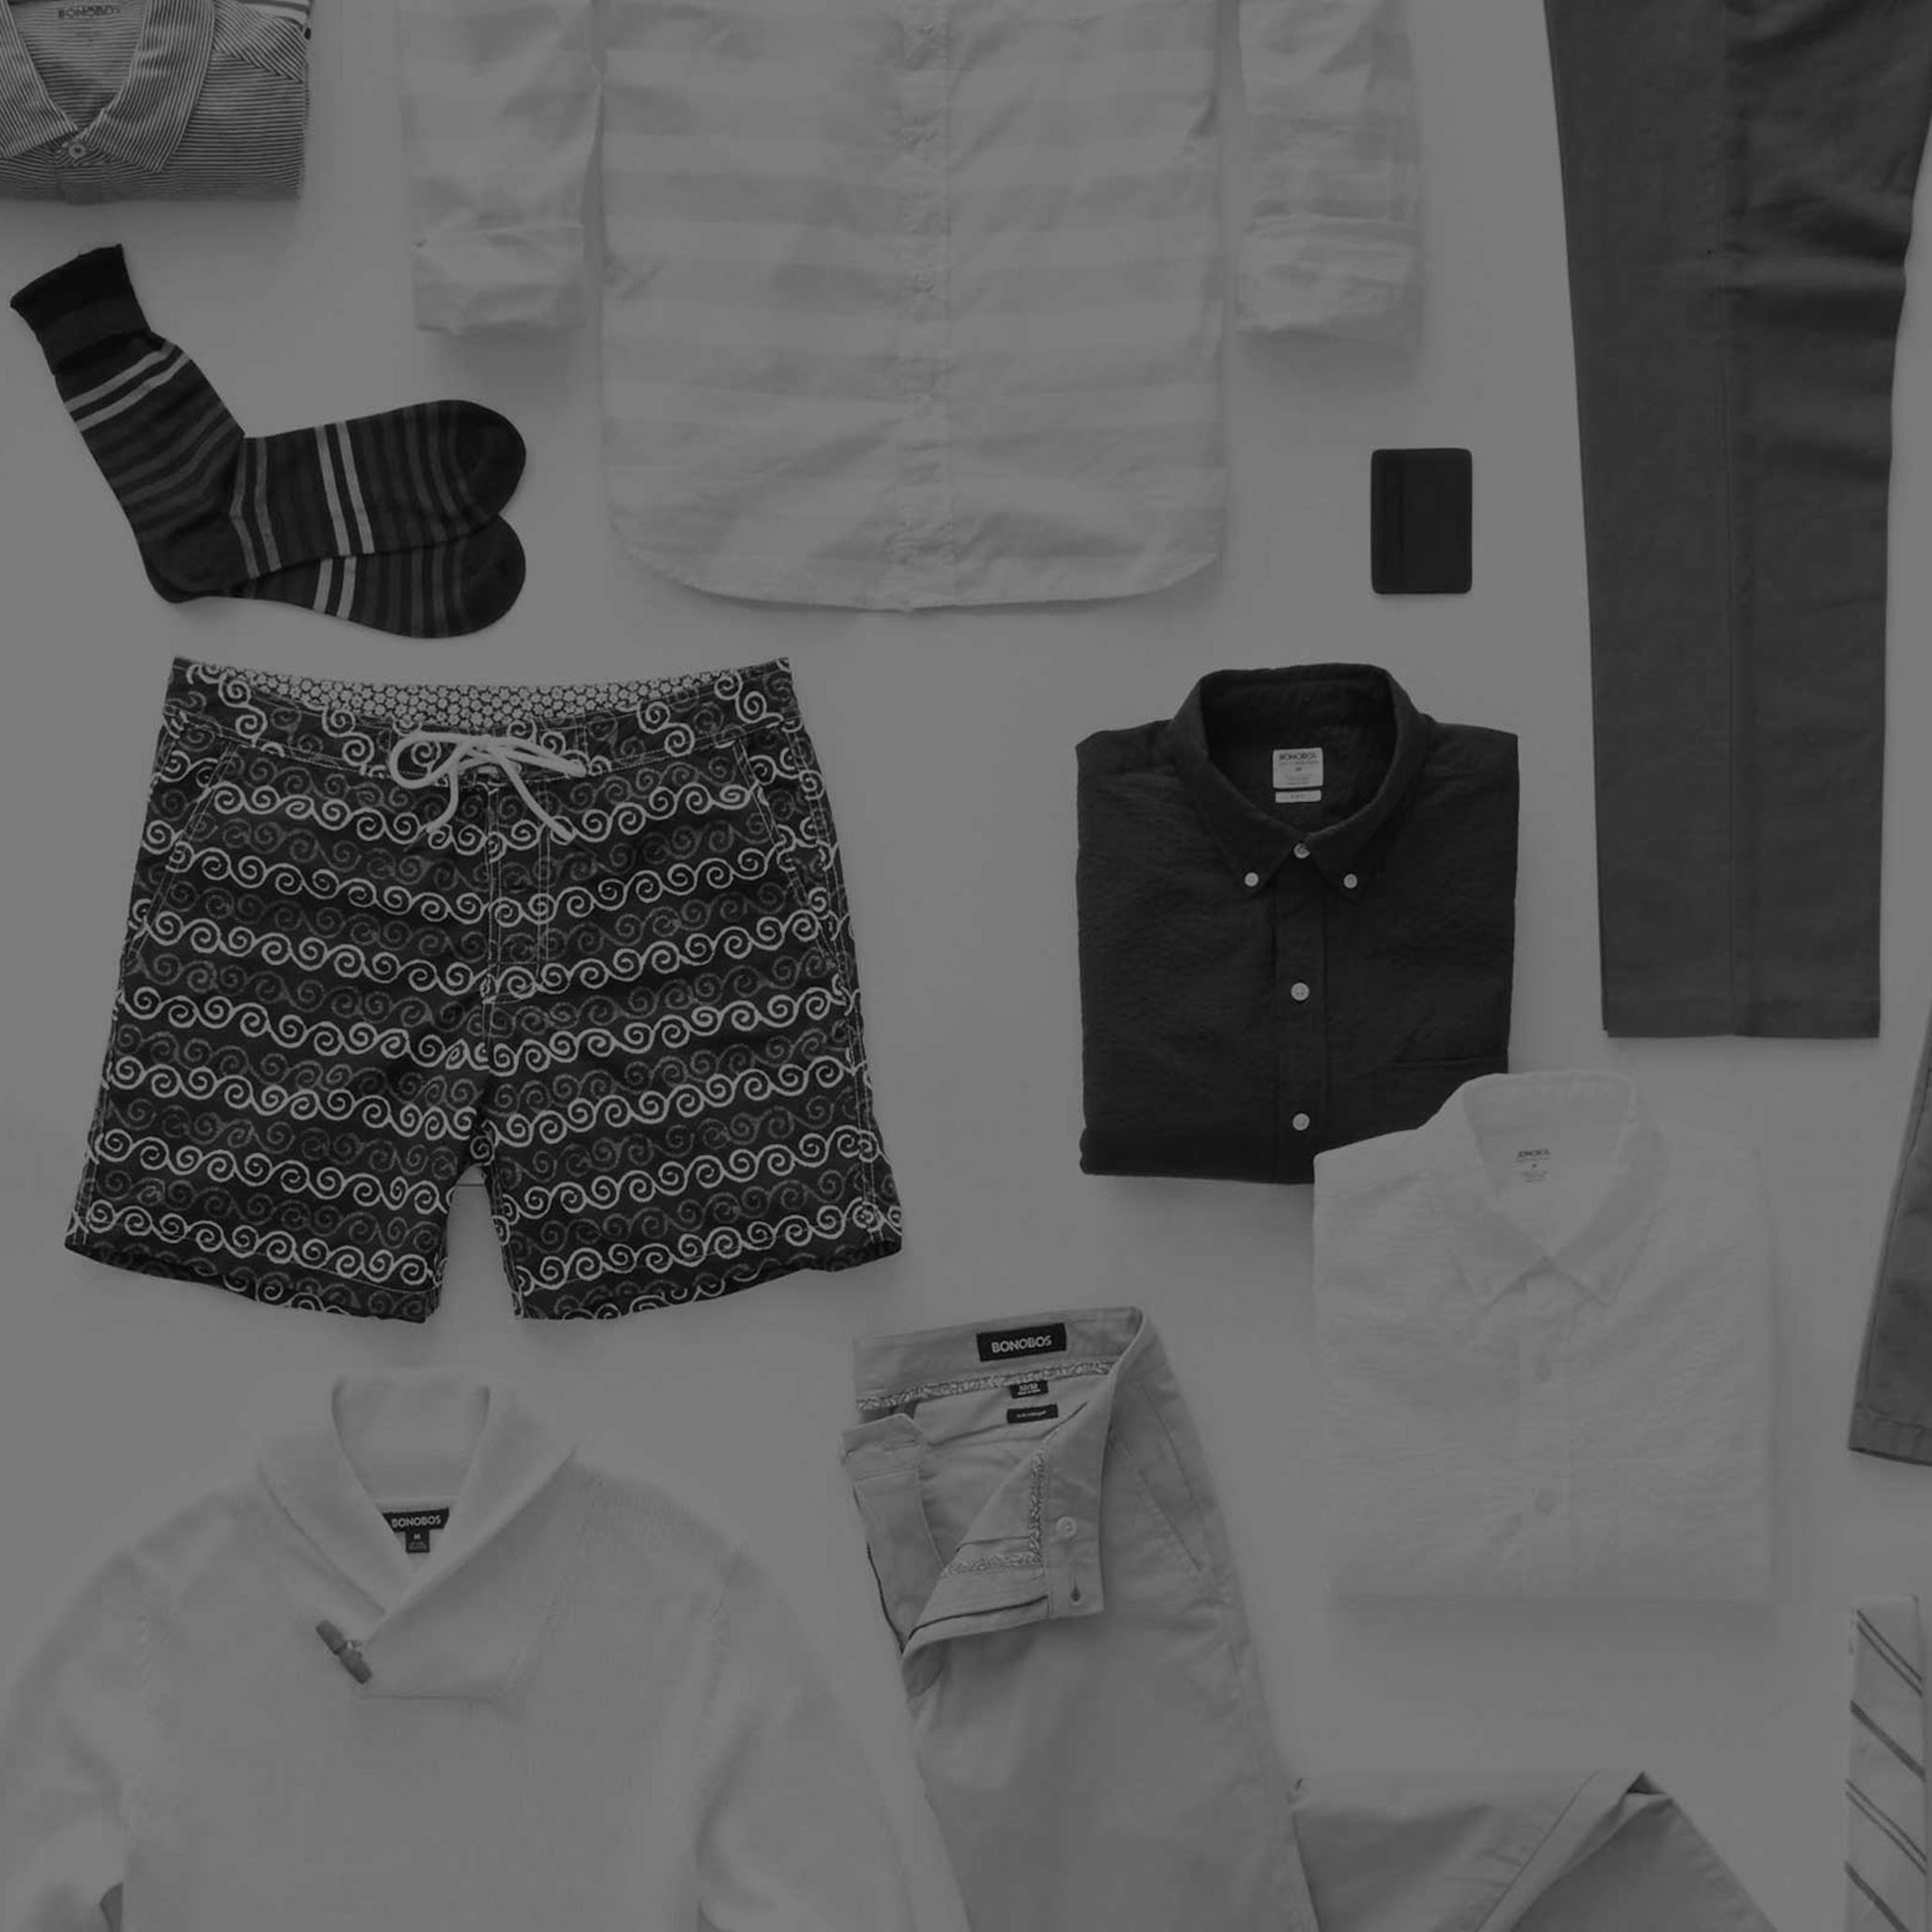 Image of Bonobos clothing